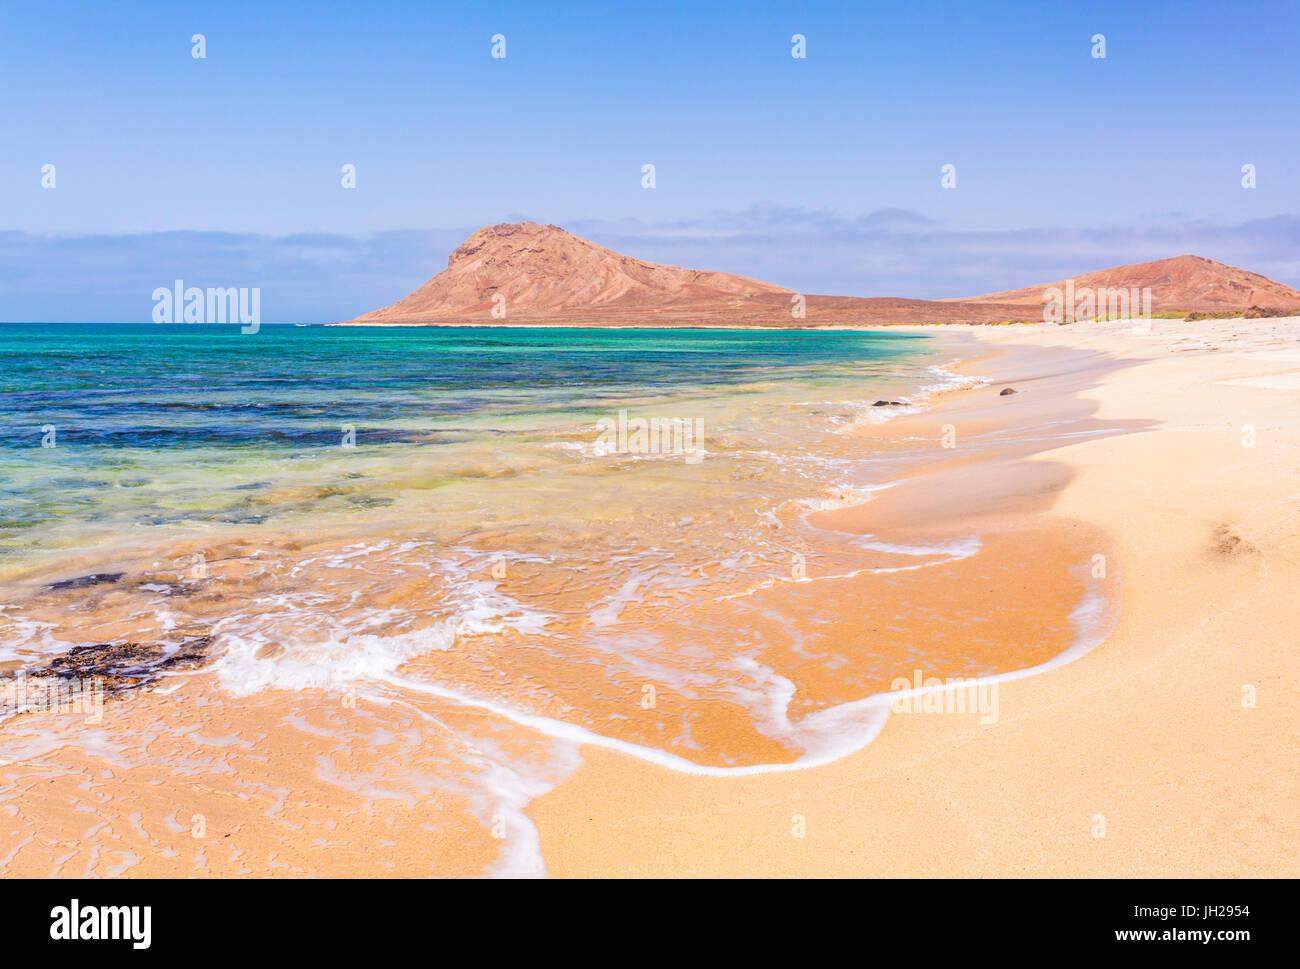 Playa de arena y la bahía vacía cerca de Monte Leao Mountain (montaña), león dormido en la isla Imagen De Stock